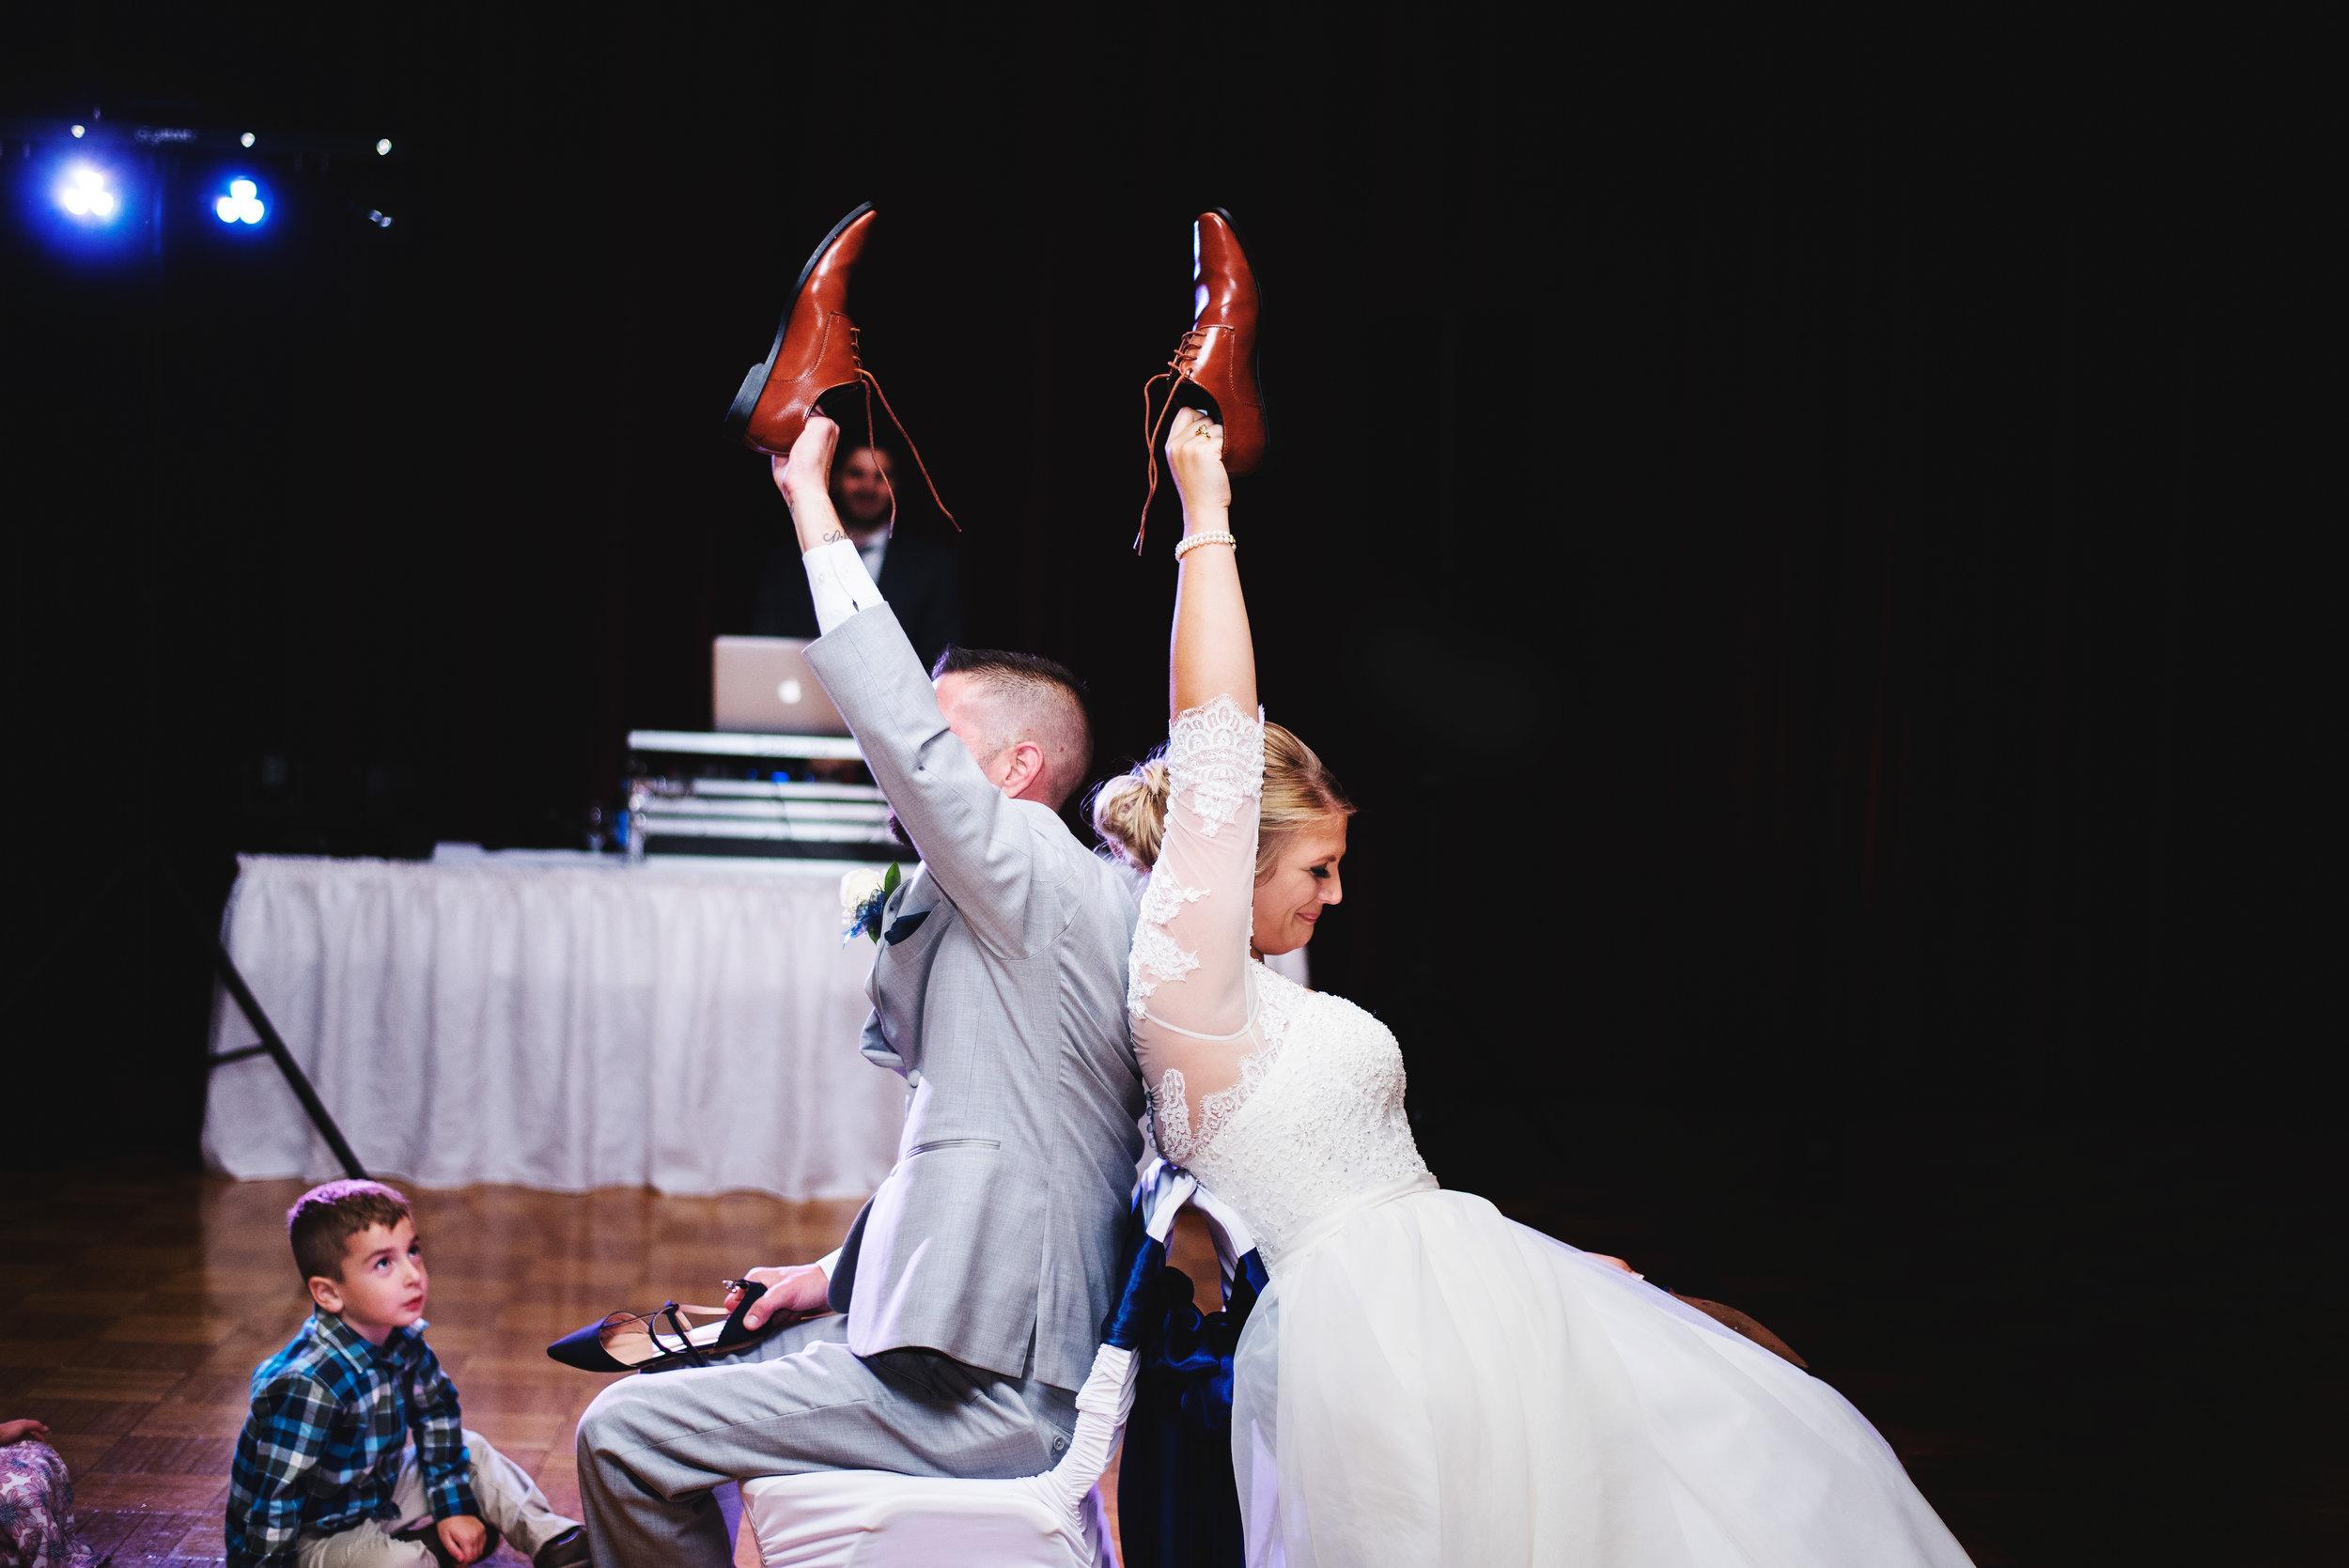 King-Northern-Illinois-University-Wedding167.jpg